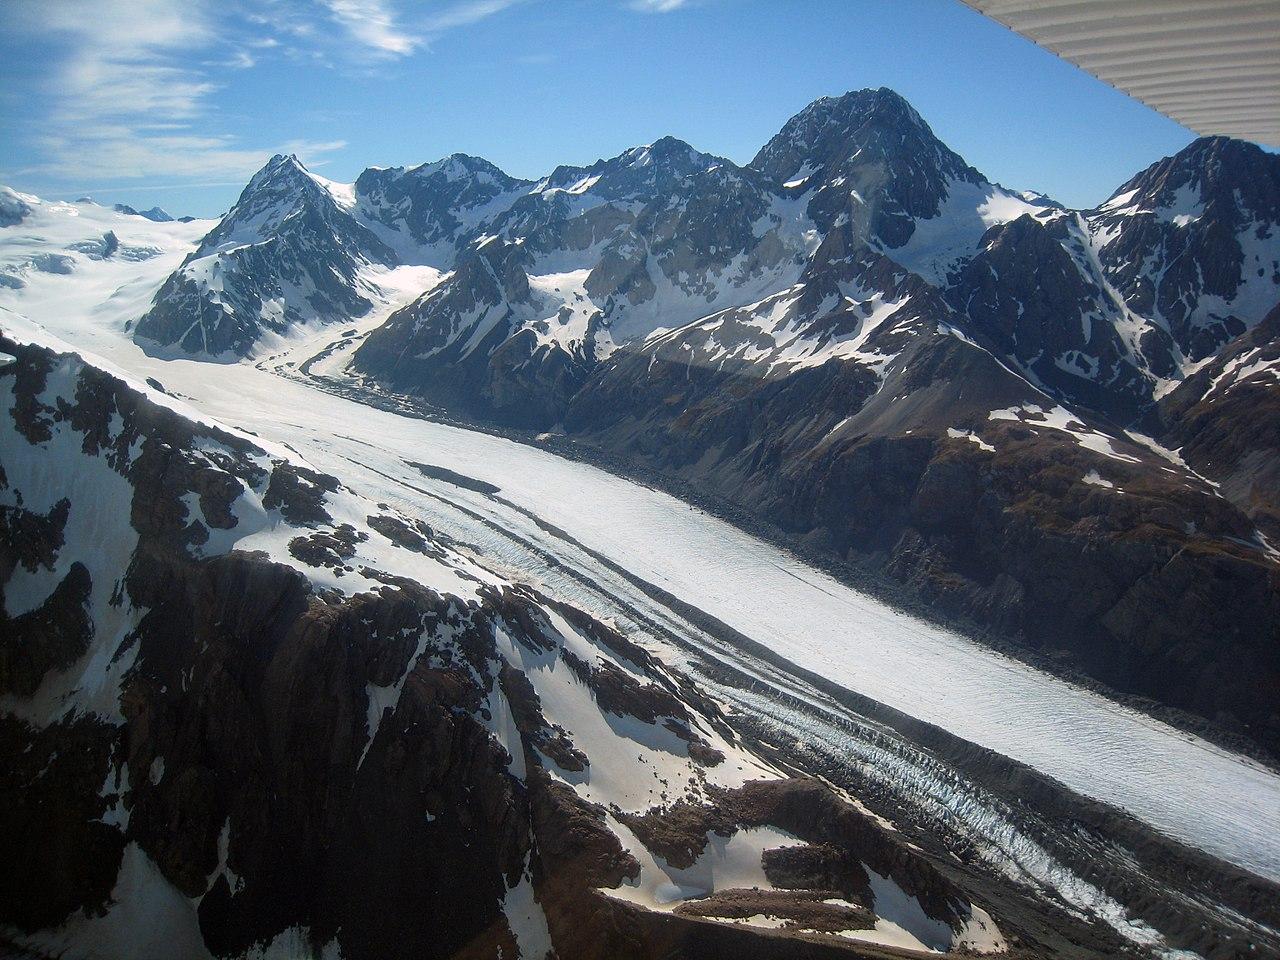 cirque glacier diagram 1996 honda civic engine gph 111 glaciation